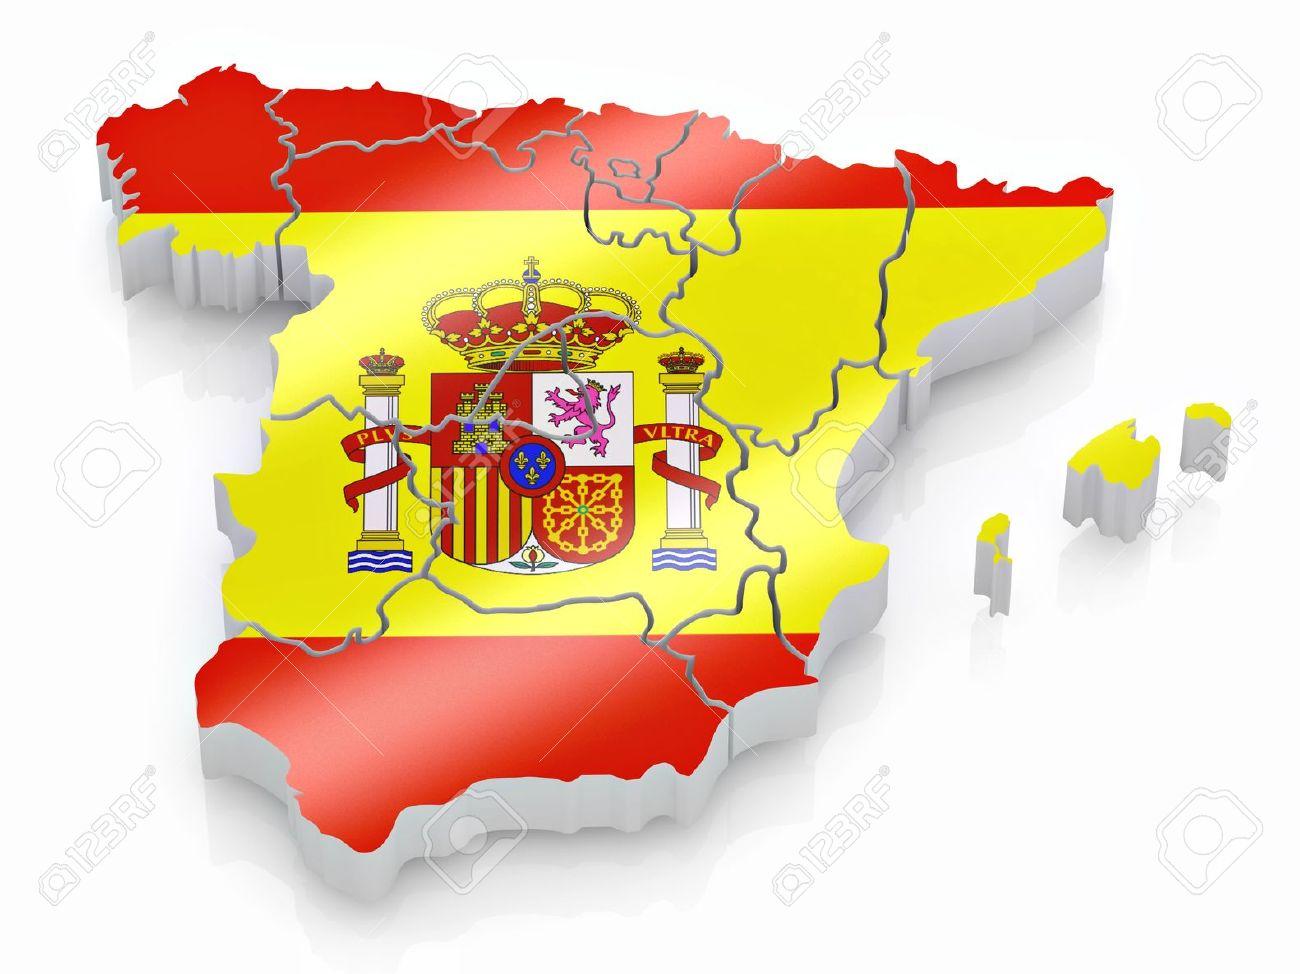 couleurs du drapeau espagnol